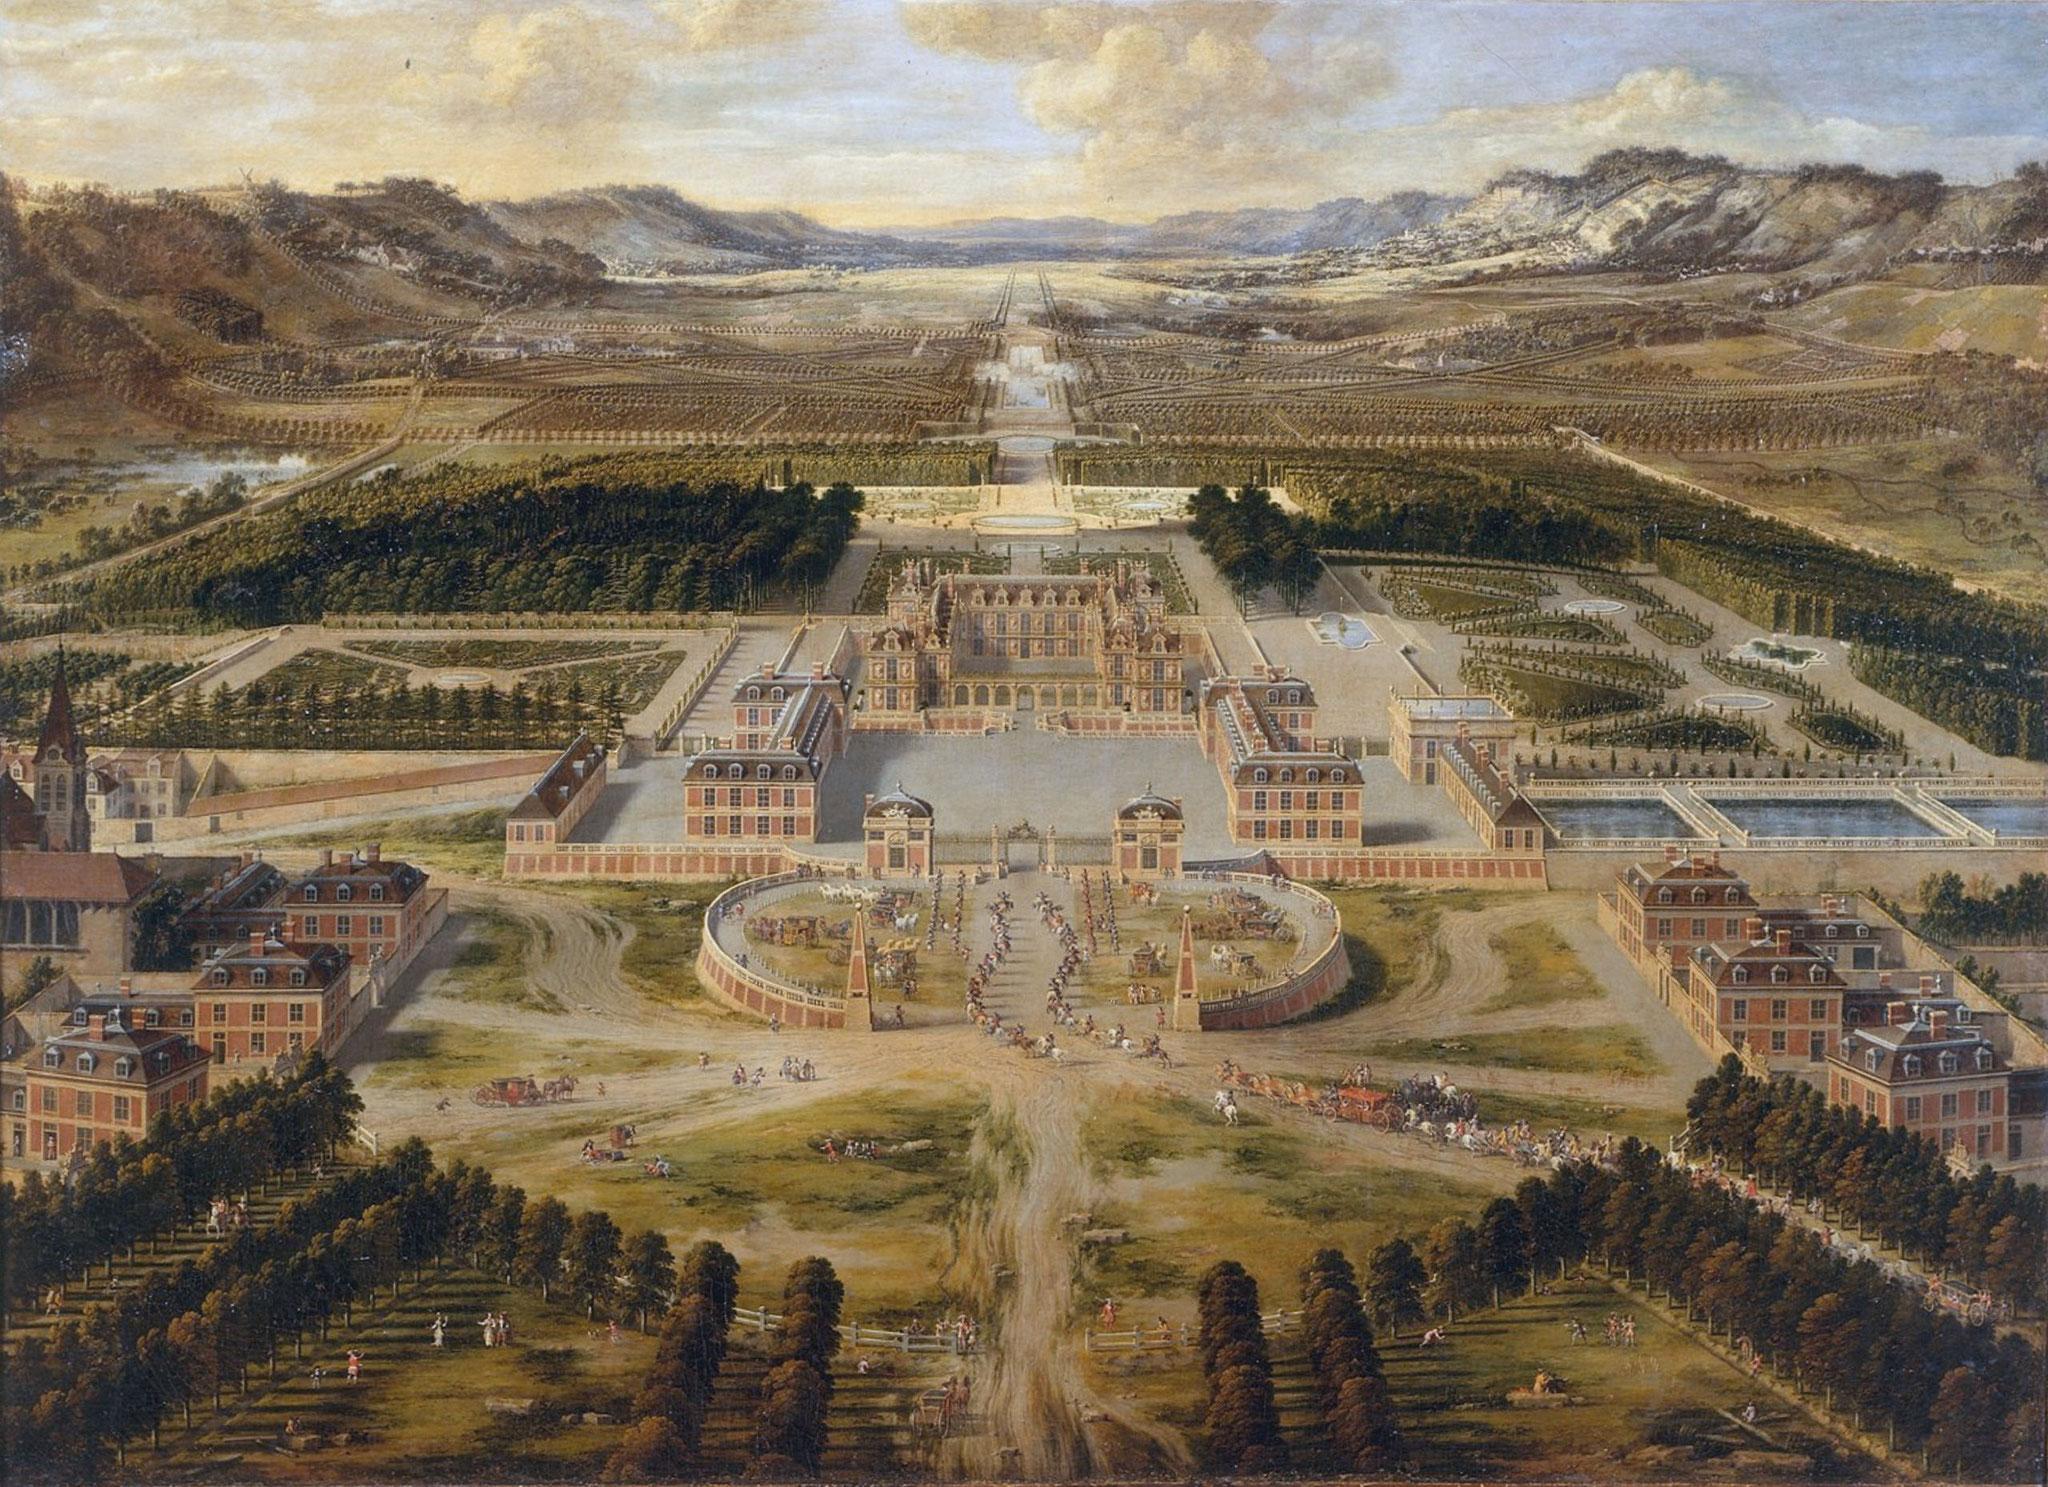 """Pierre PATEL, """"Vue du château et des jardins de Versailles"""" (1668), huile sur toile"""